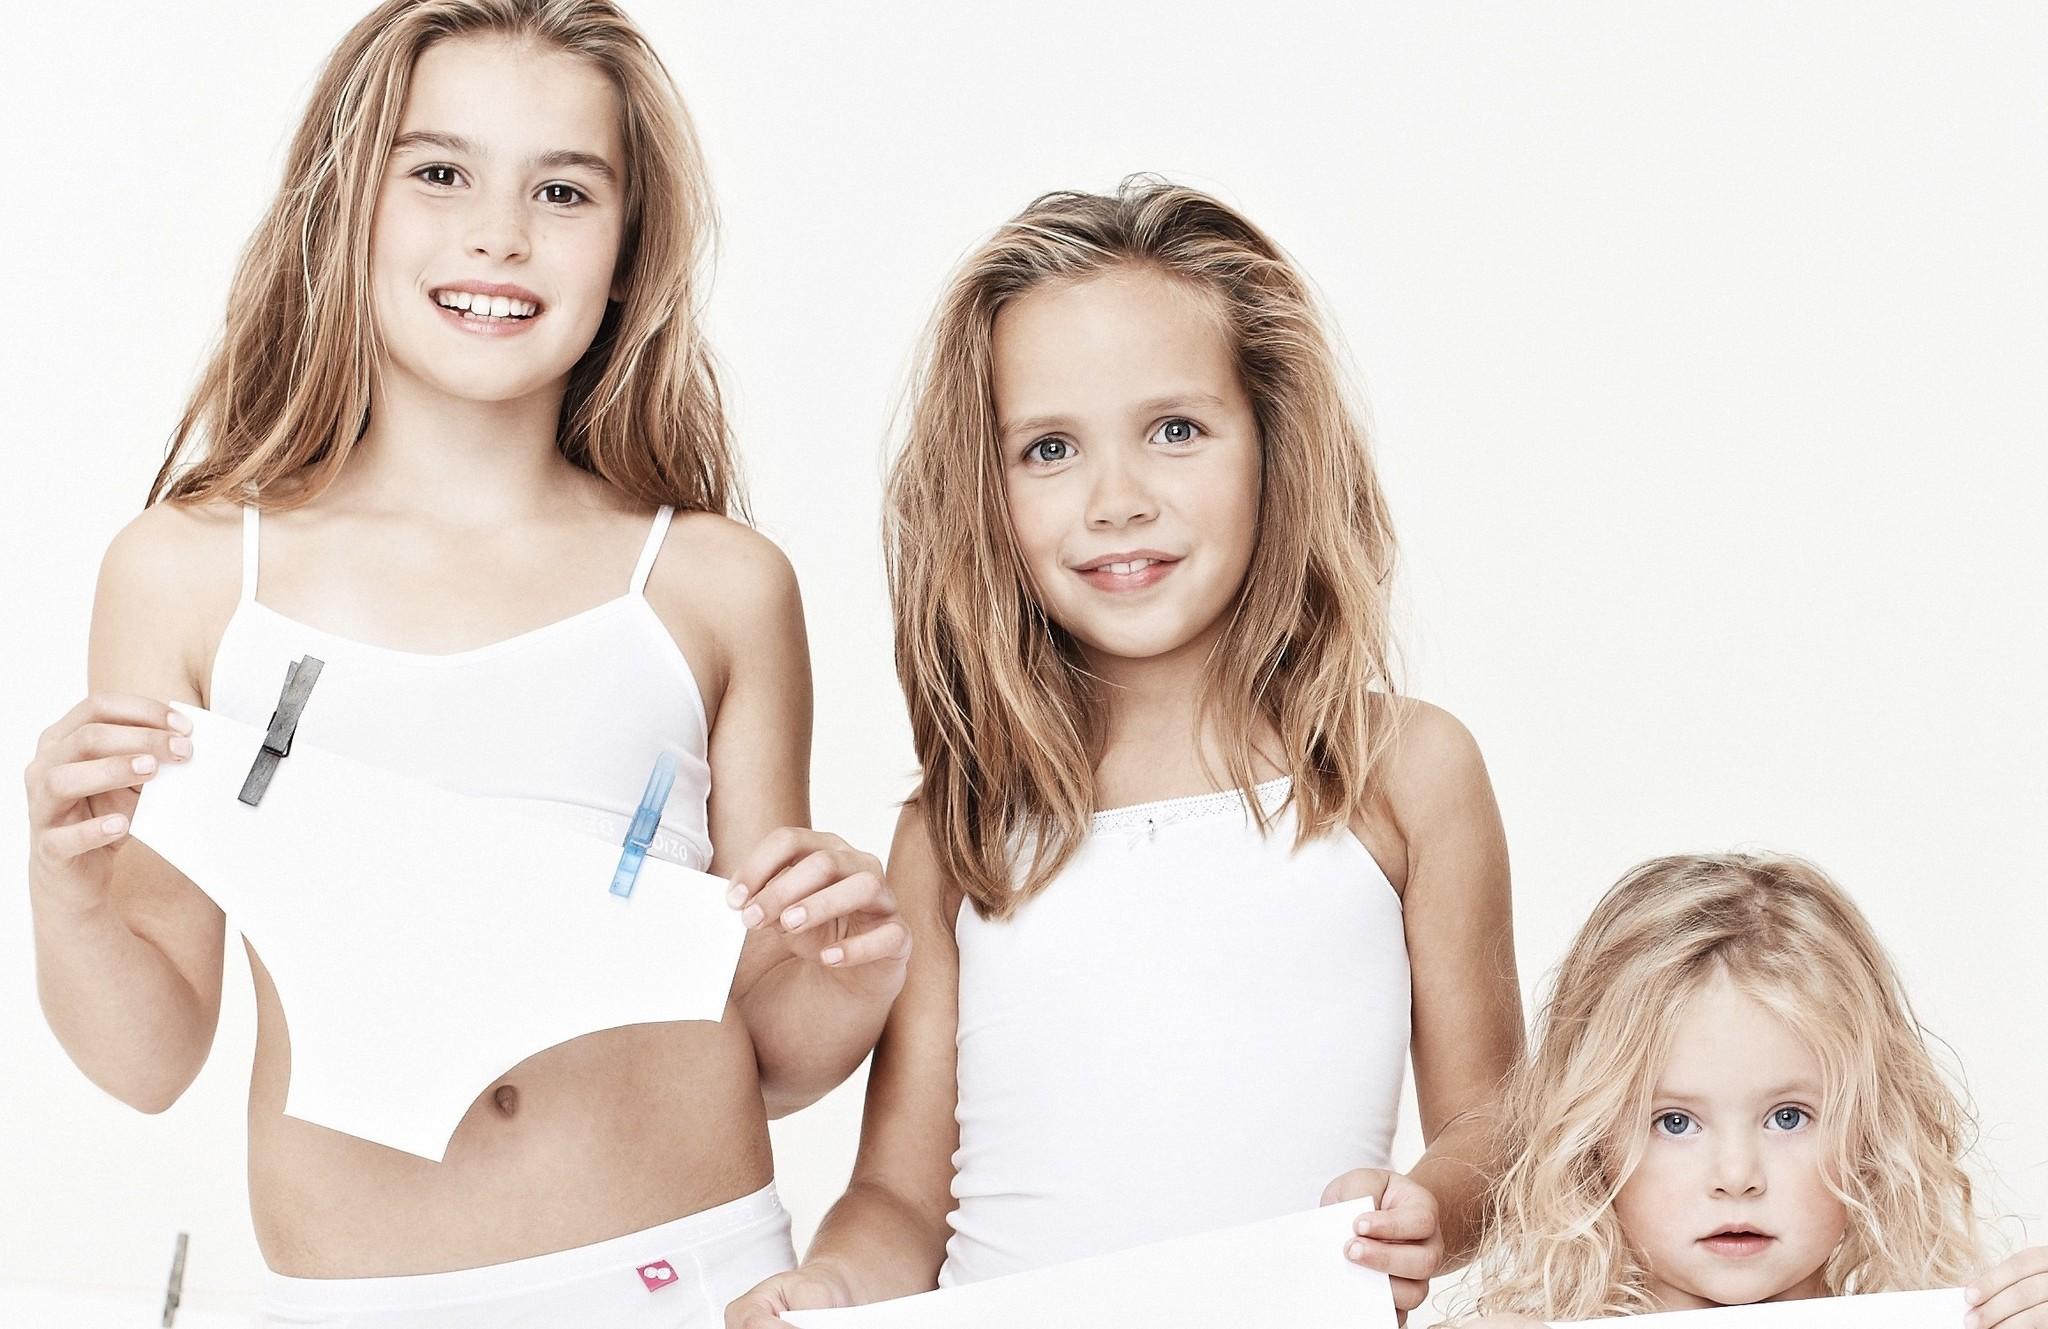 Ondergoed voor kinderen: Basic is soms echt goed genoeg